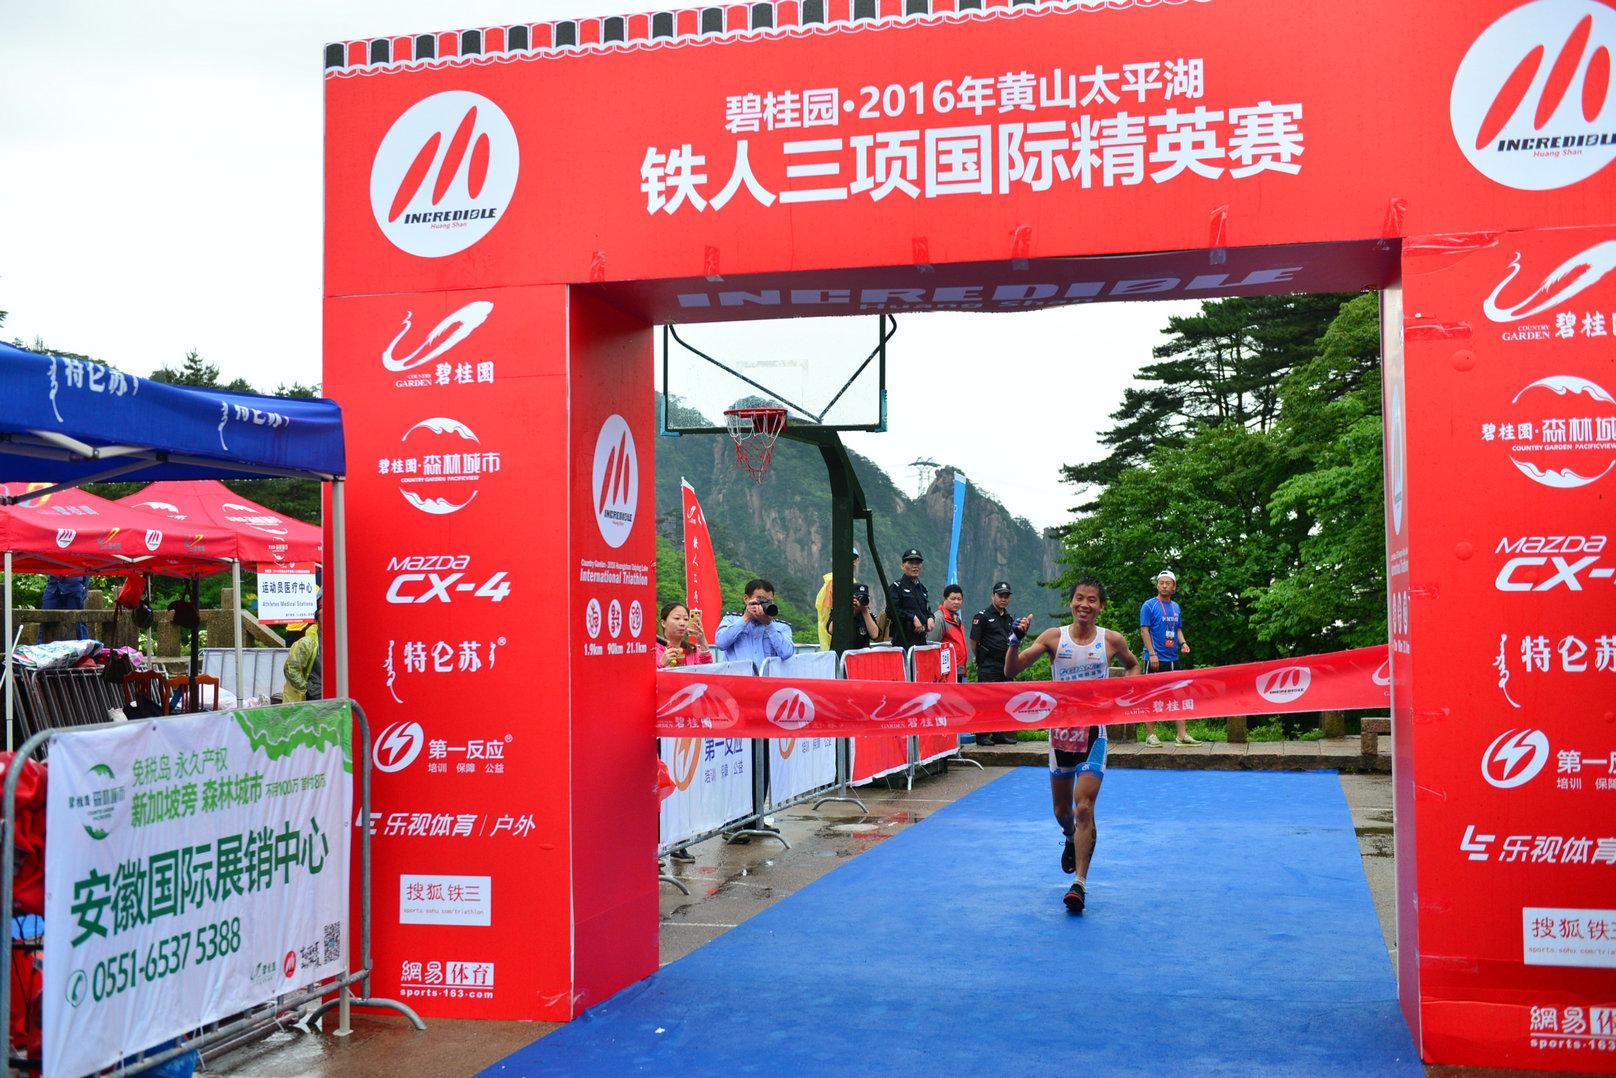 碧桂园•2016年黄山太平湖铁人三项国际精英赛 在黄山之巅落幕 ...